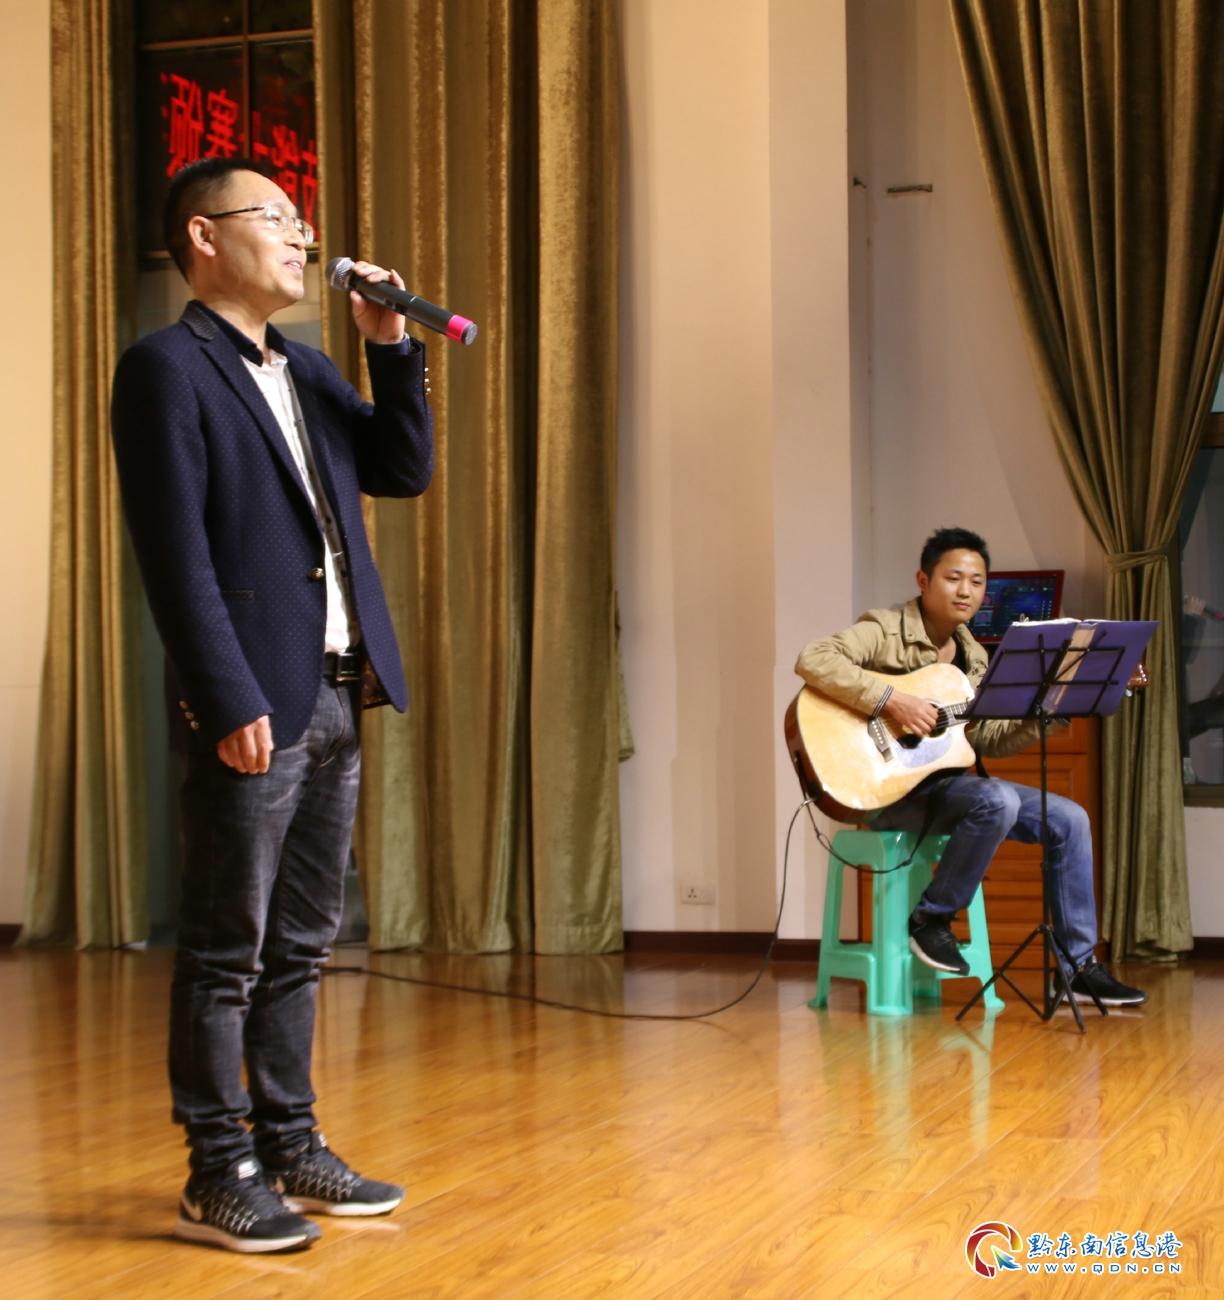 潘世泽演唱方言歌曲《我的家》